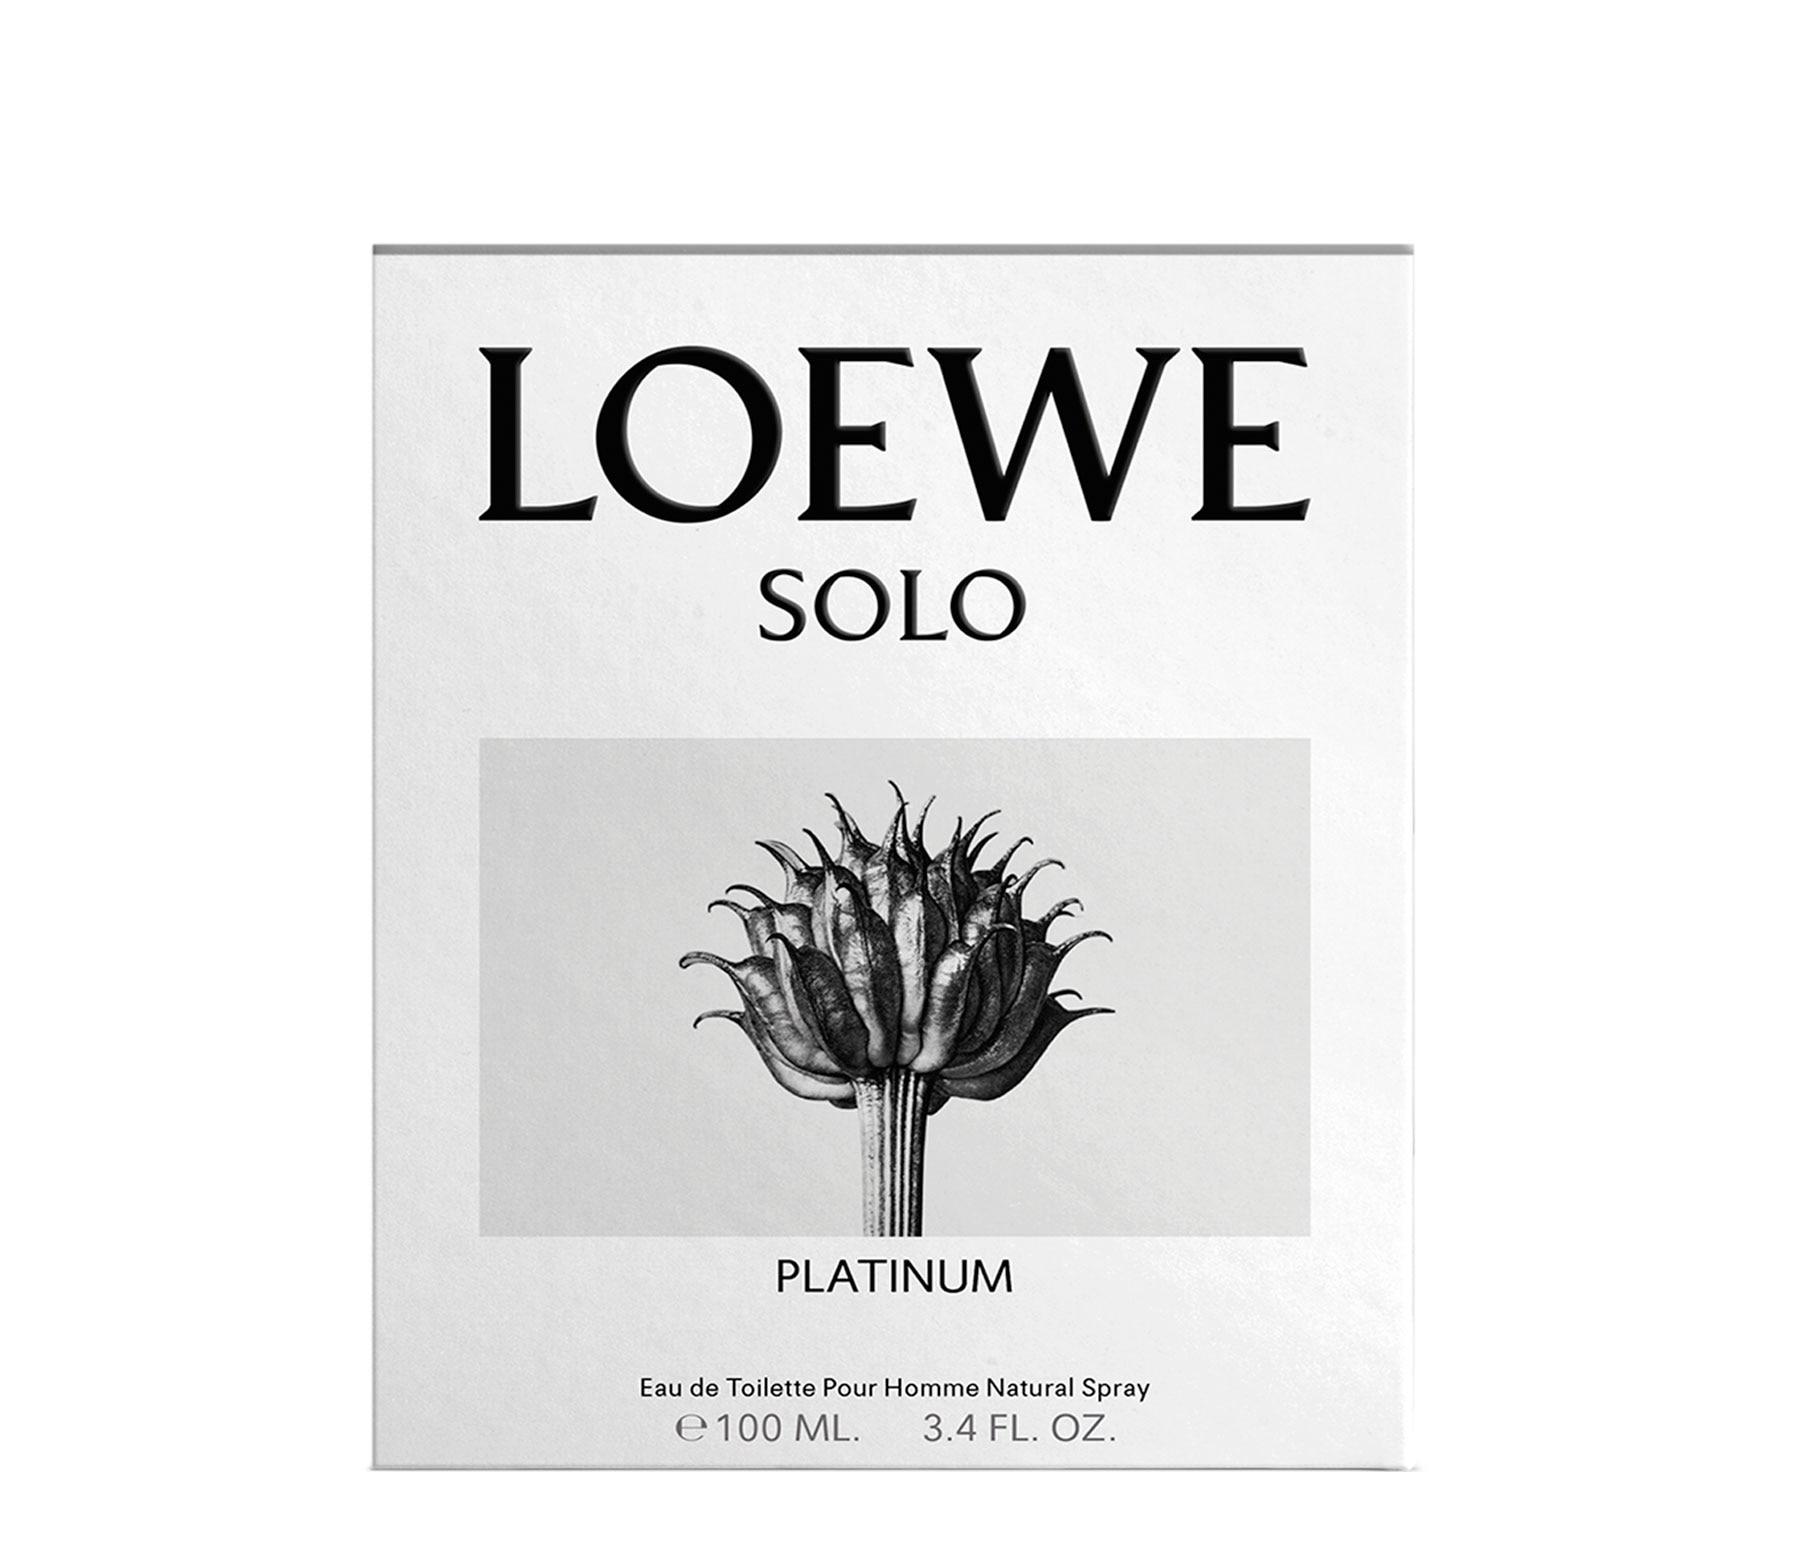 LOEWE SOLO PLATINUM EAU DE TOILETTE